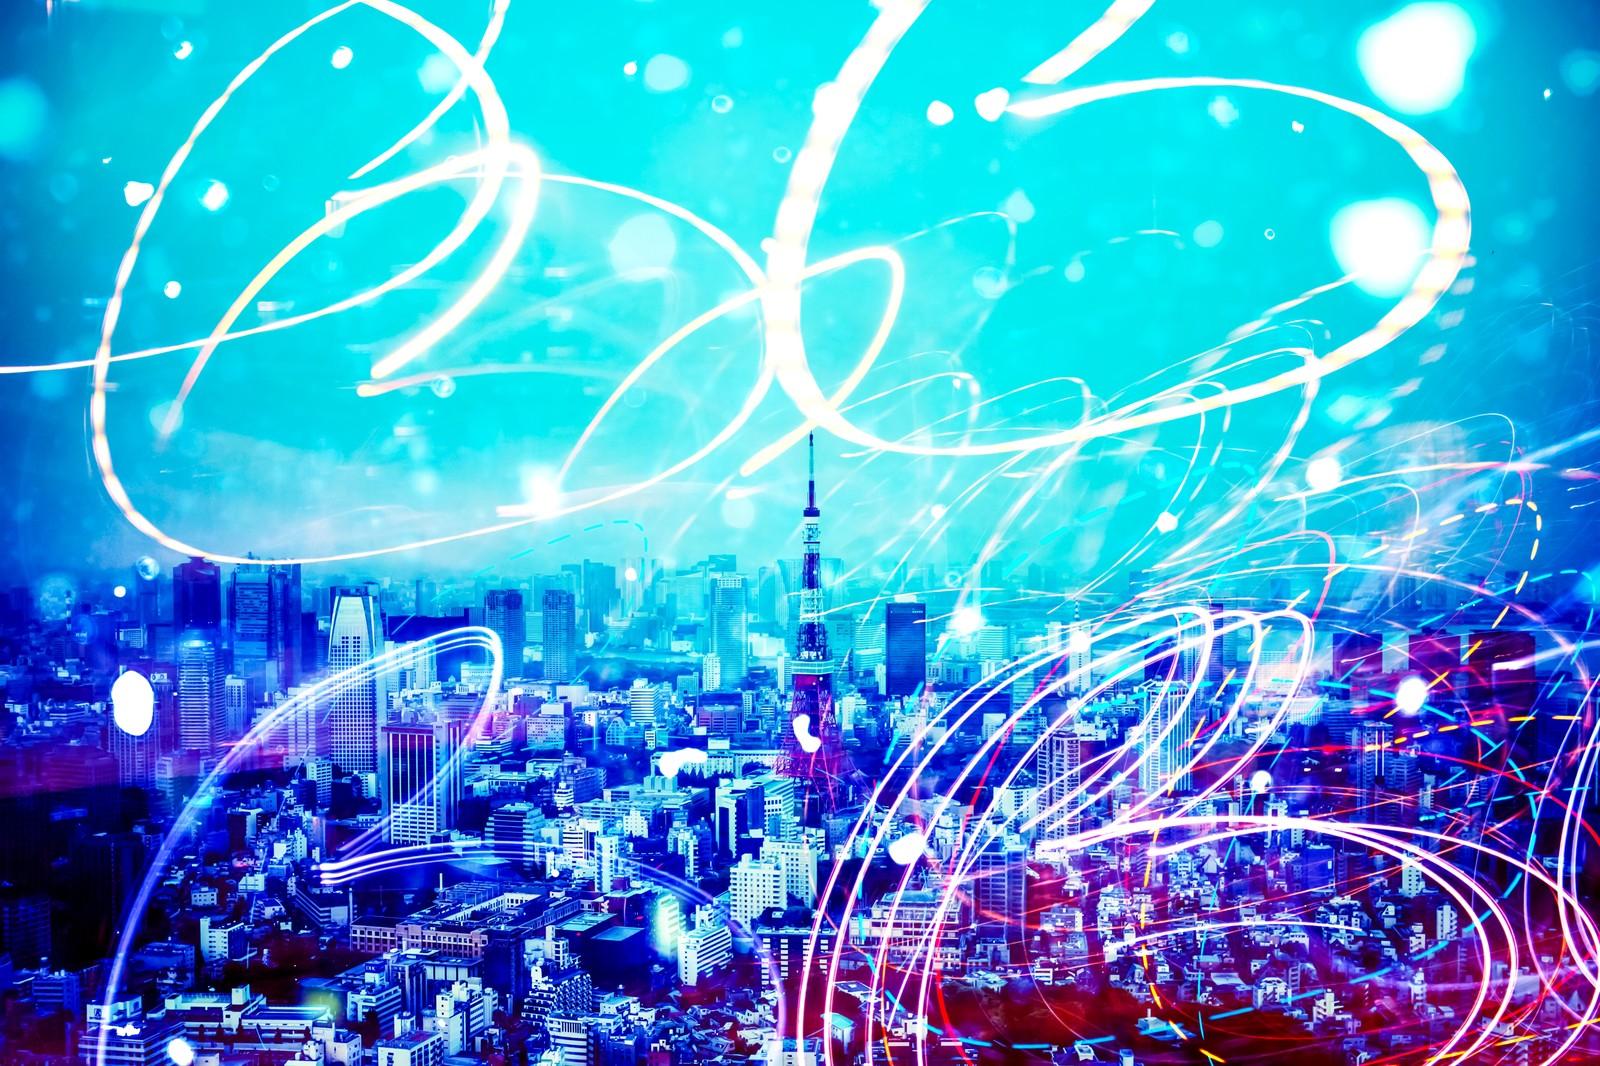 BUMP OF CHICKEN・東京ドームの画像とMC台詞あり!記念撮影のMVも!